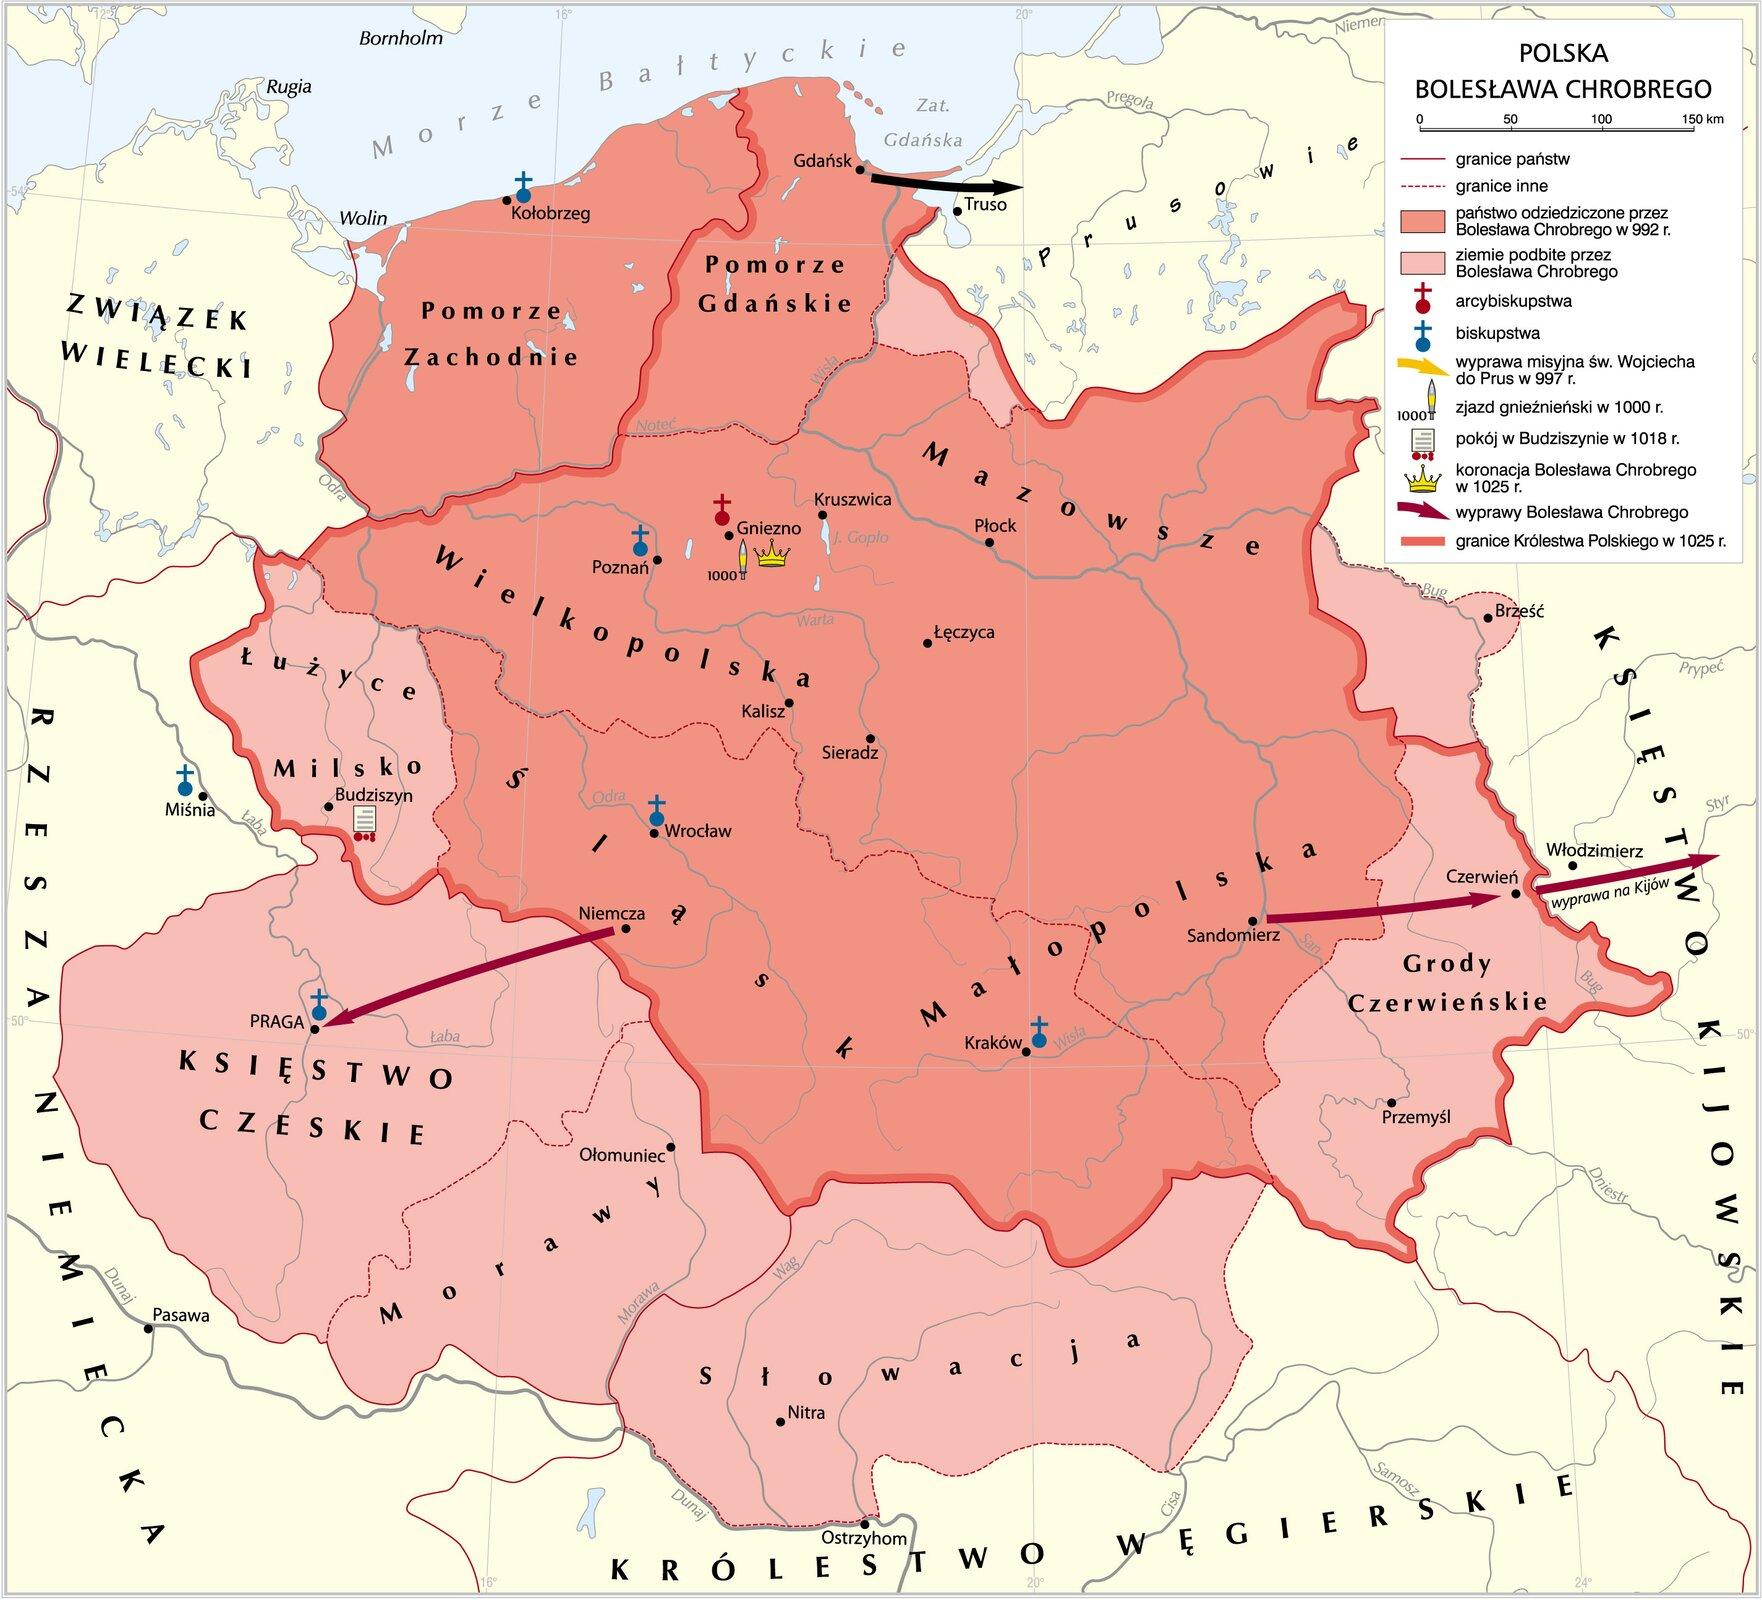 Polska Bolesława Chrobrego Polska Bolesława Chrobrego Źródło: Krystian Chariza izespół, licencja: CC BY 3.0.